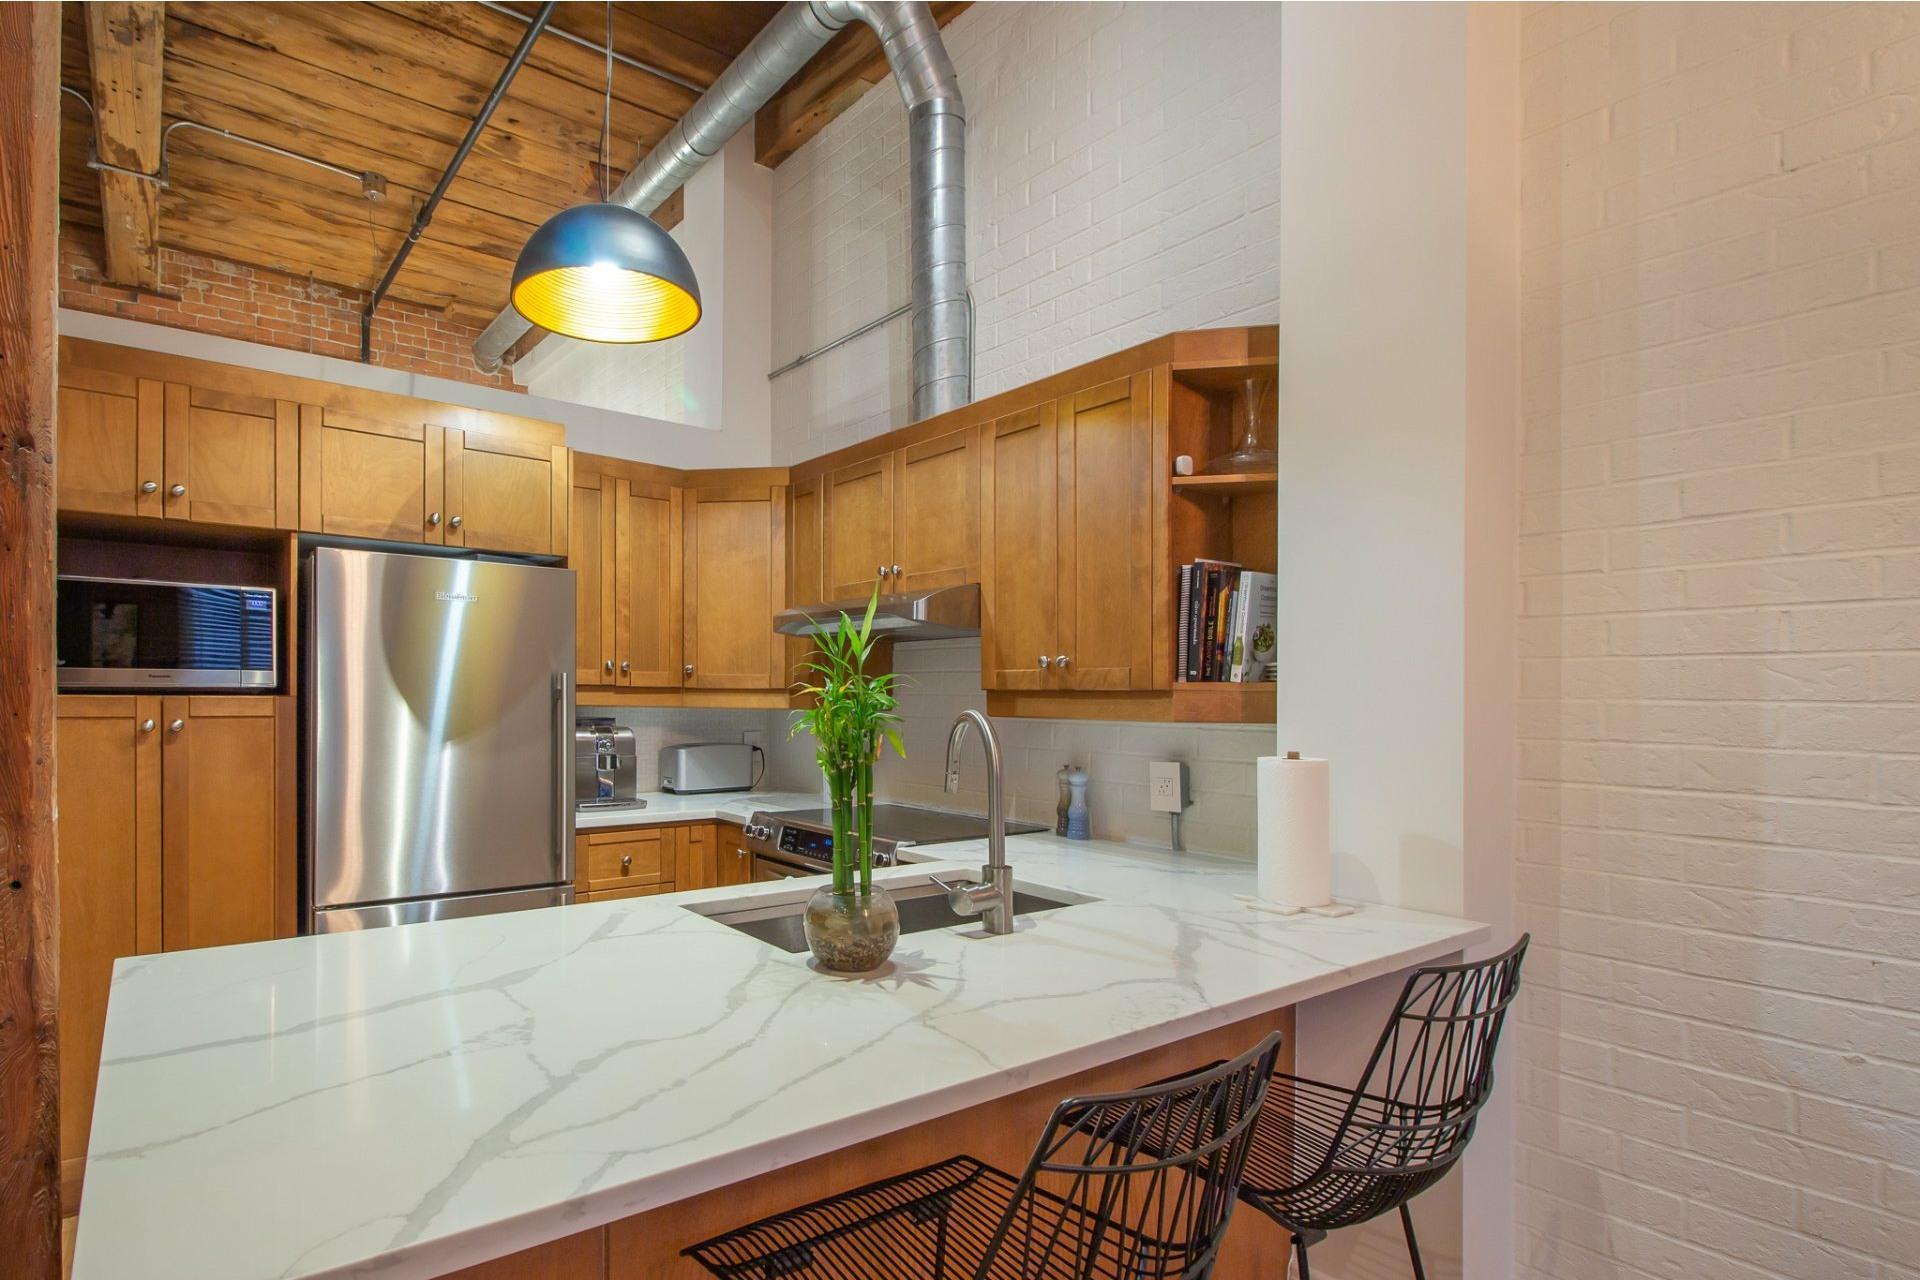 image 6 - Appartement À vendre Le Sud-Ouest Montréal  - 3 pièces